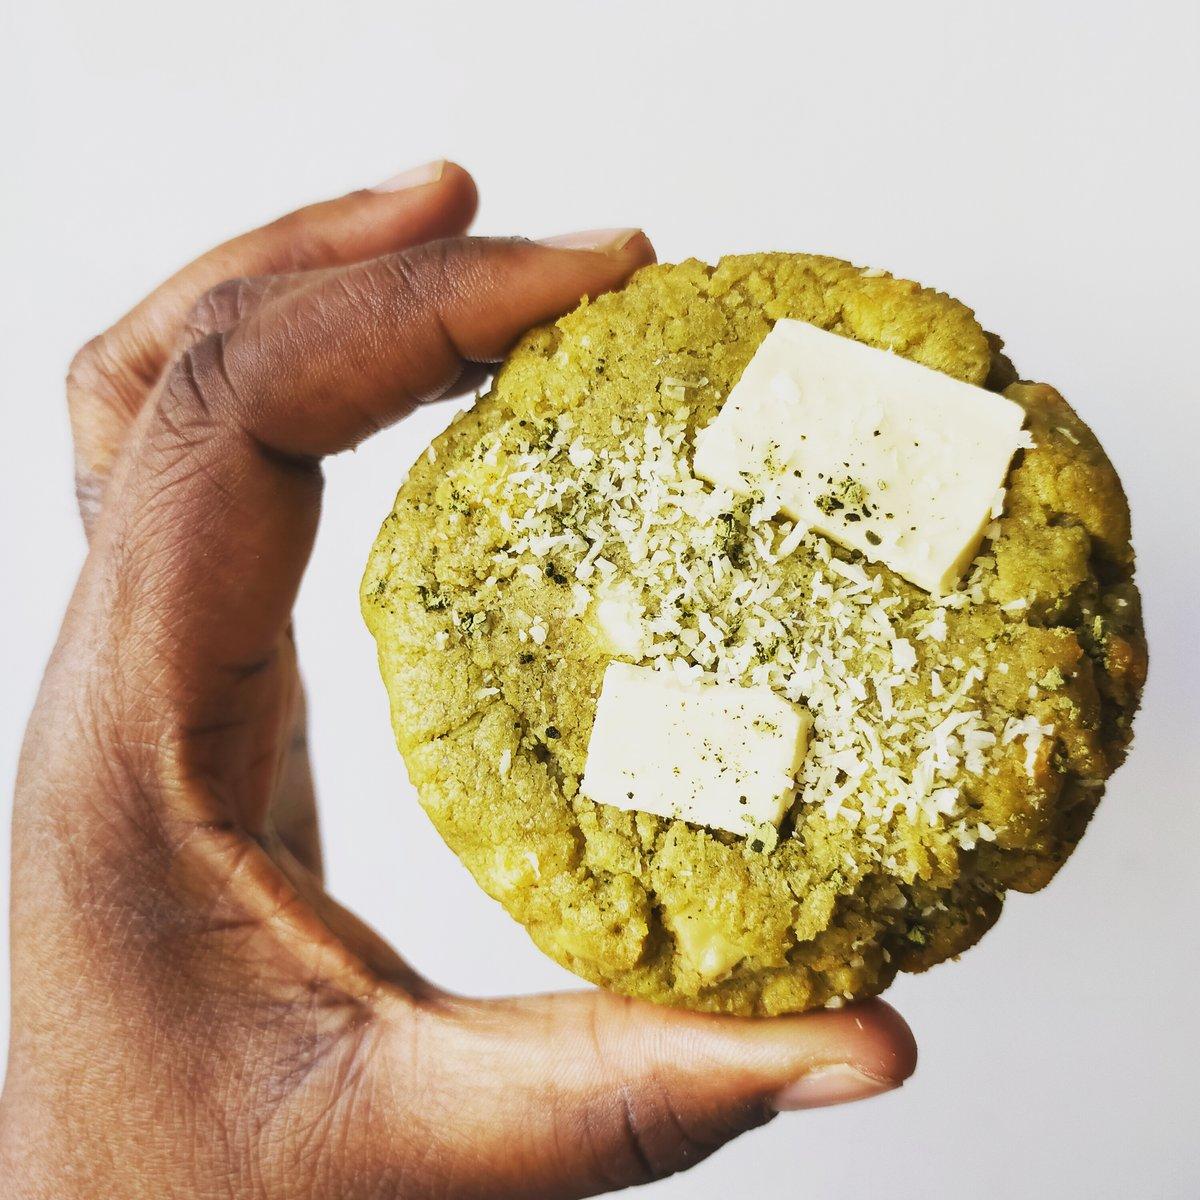 Image of Le Matcha Coco